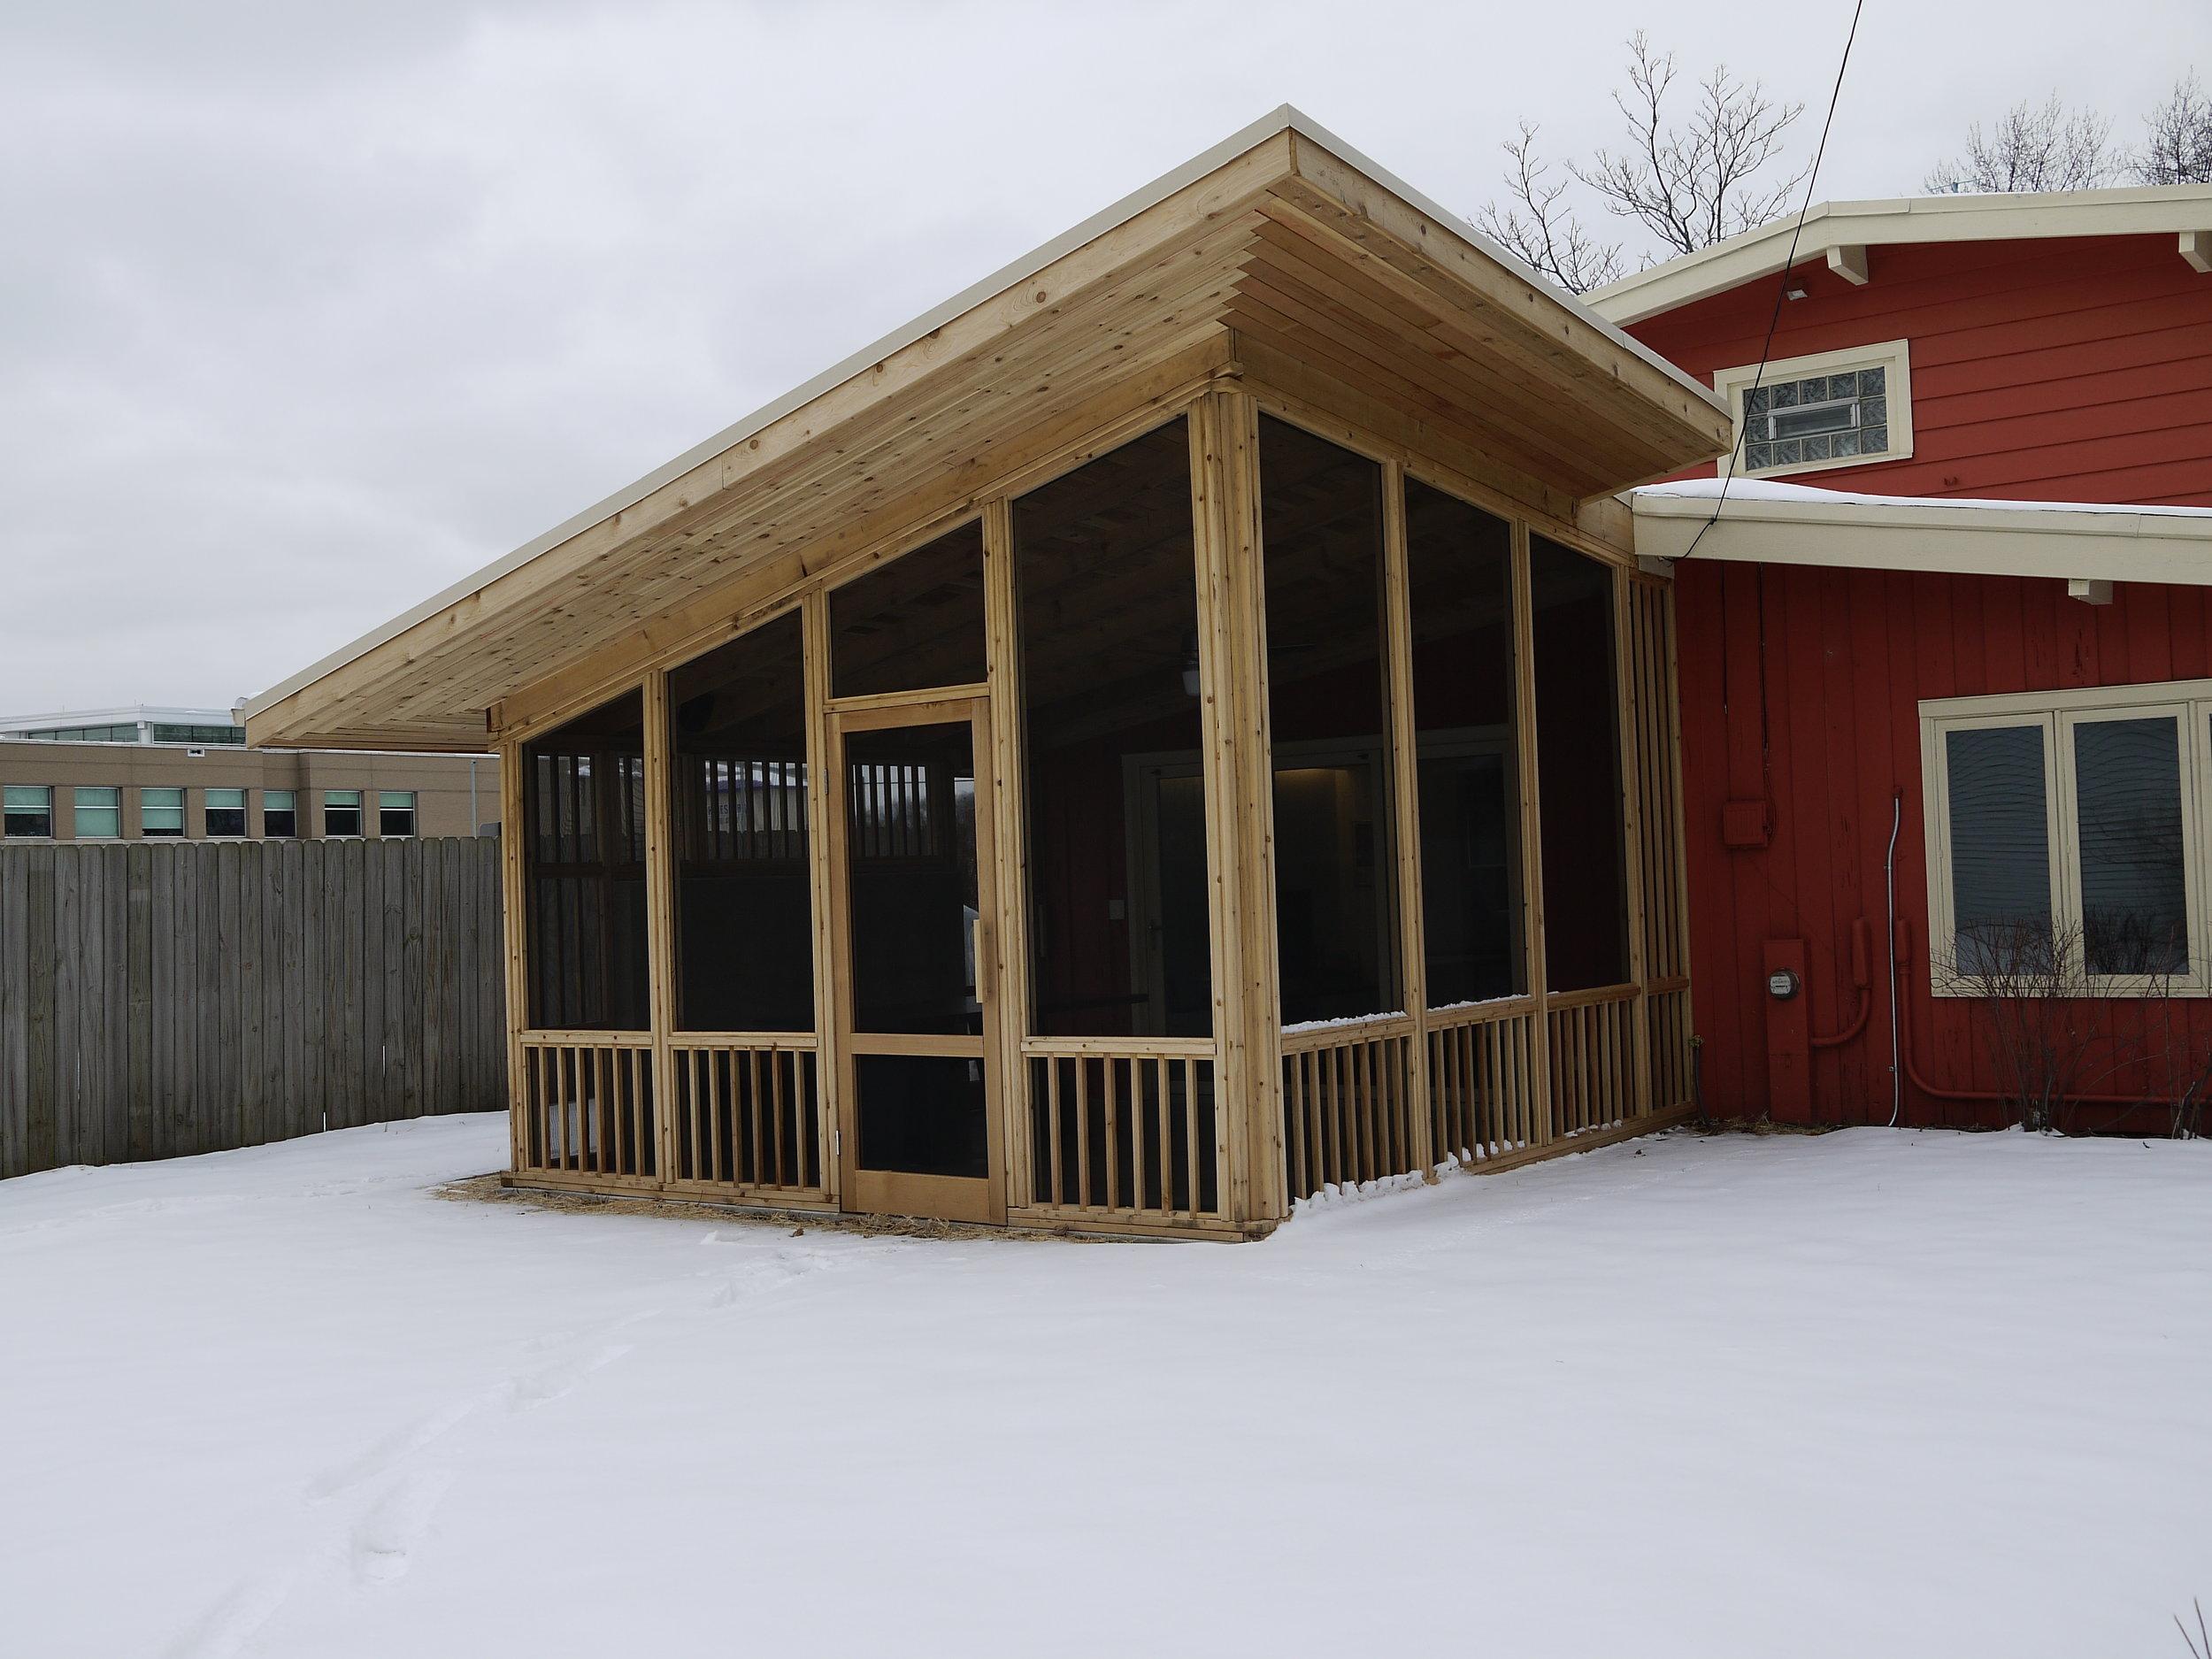 Livingston_Street_Residence_Exterior_Screen_Porch.JPG